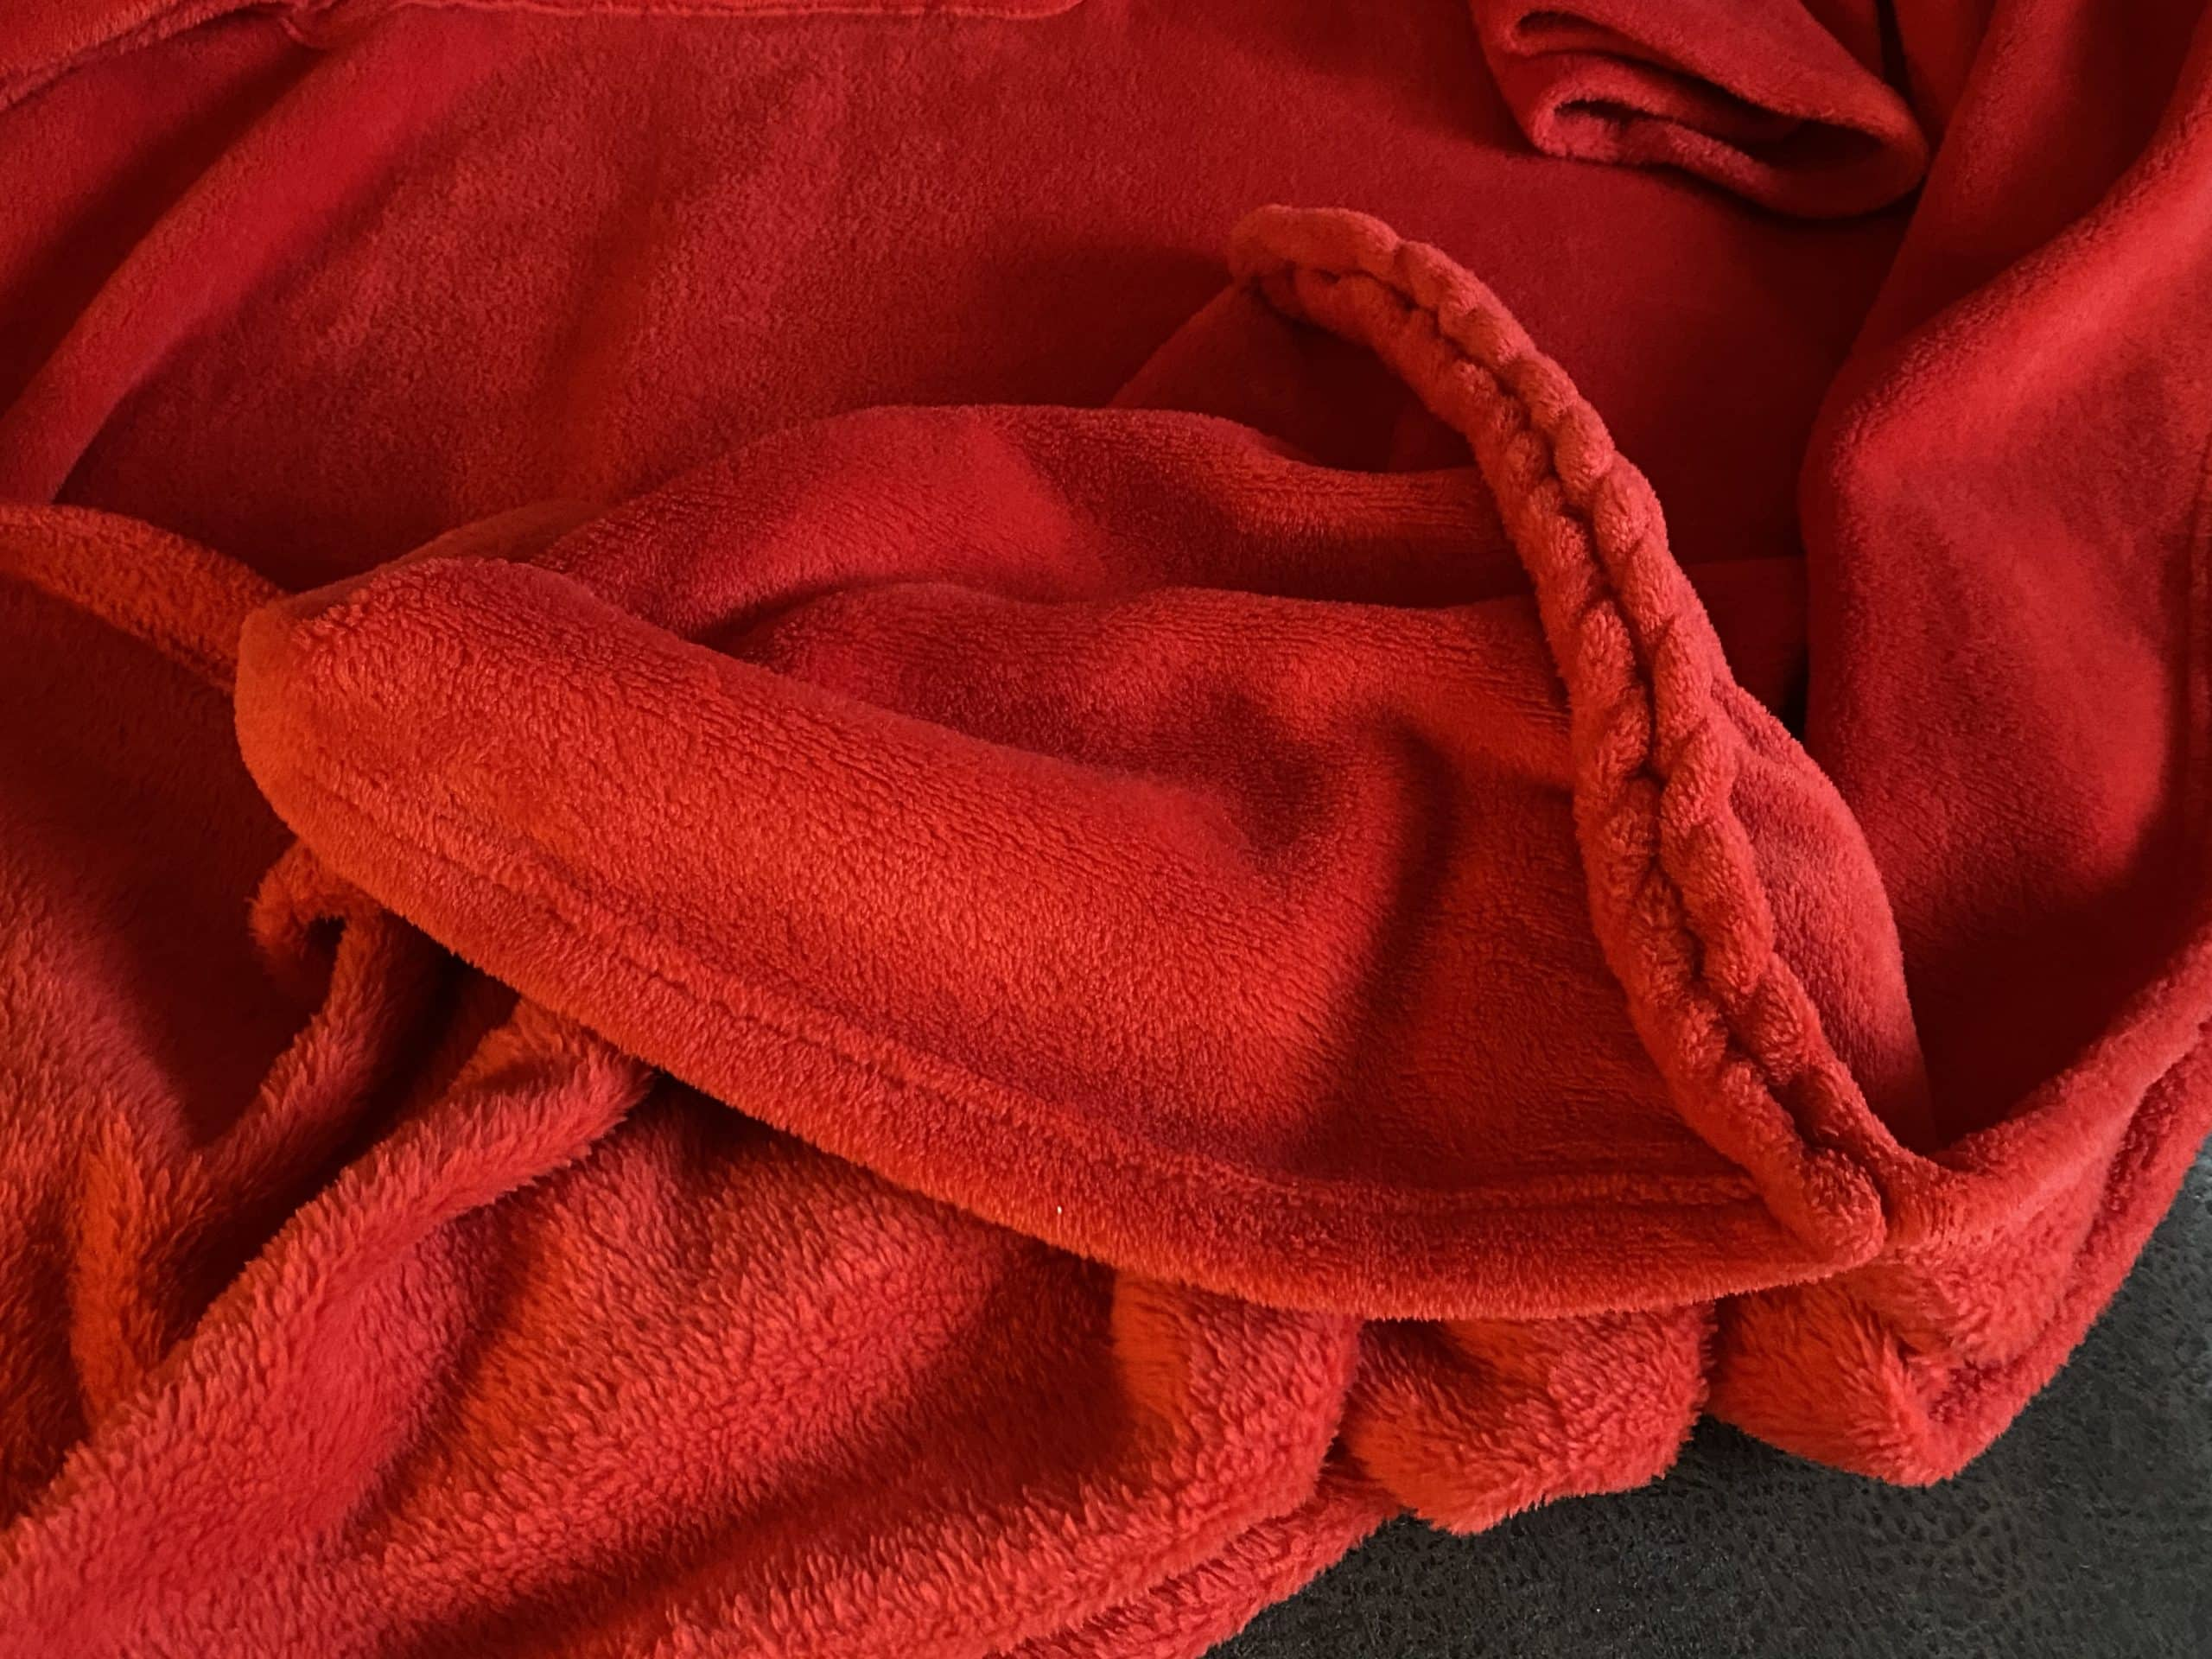 Fußtasche bei der Decke mit Ärmeln